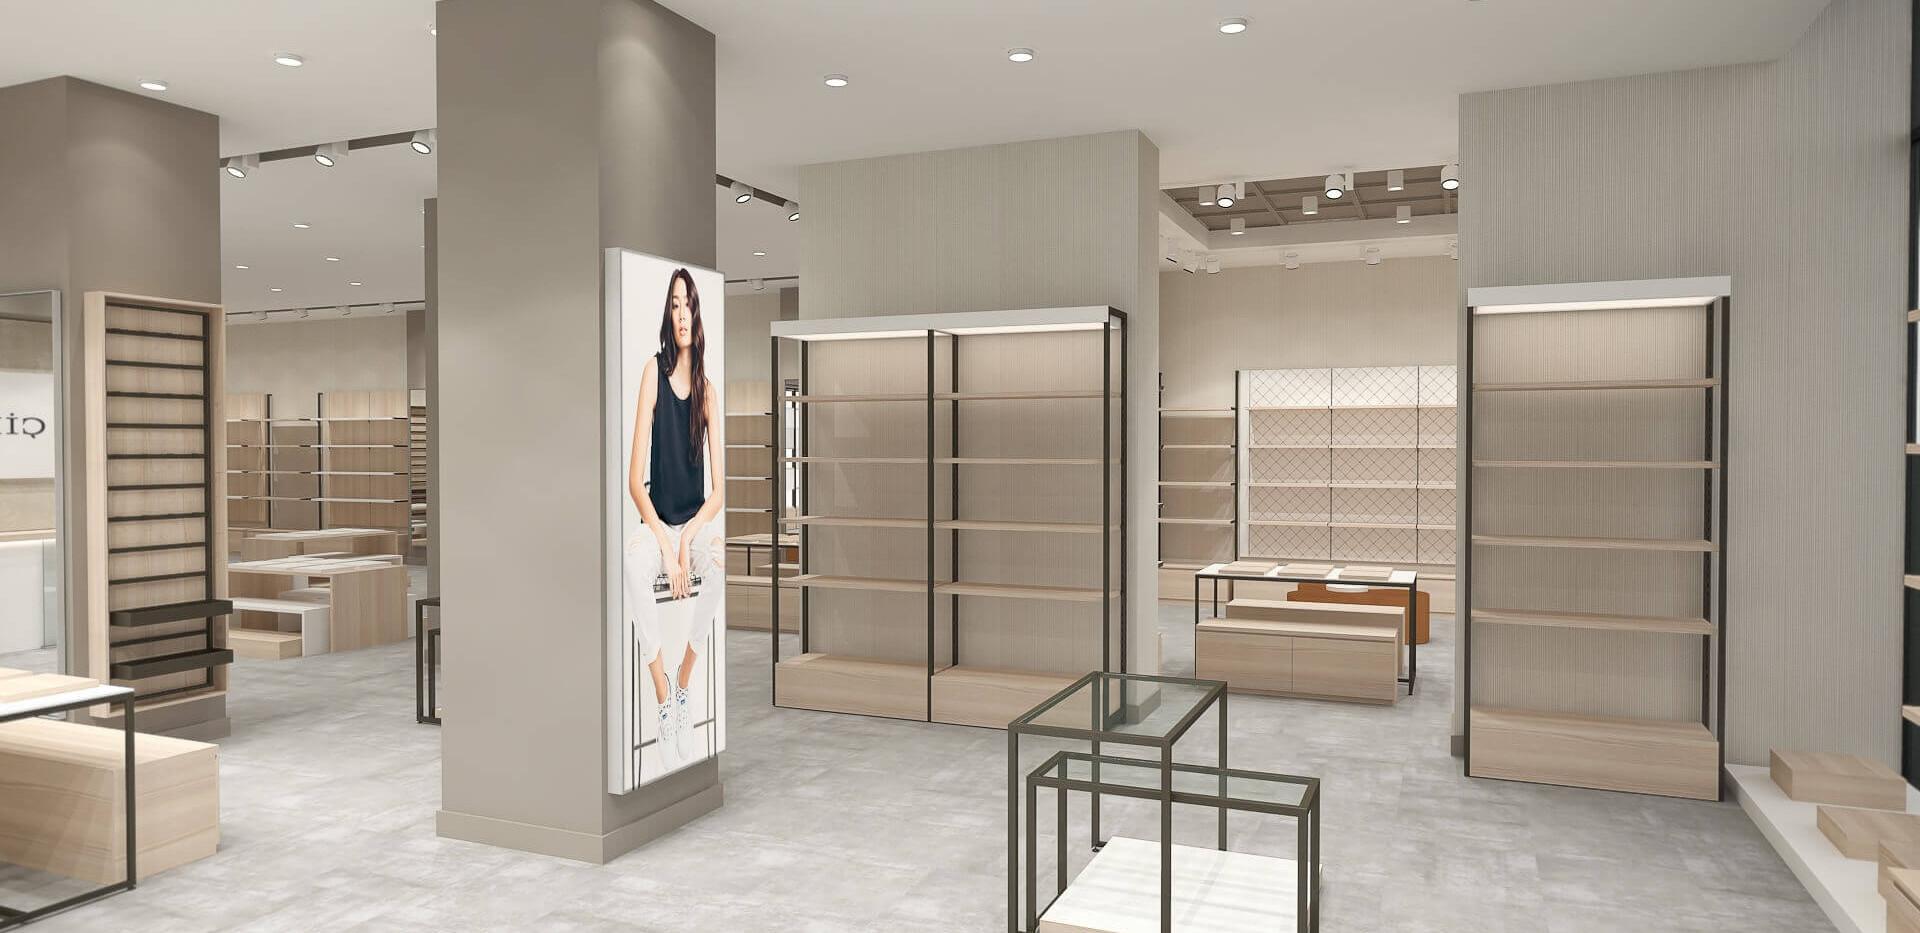 Cinici - Shoes Store Shop Design-3.jpg